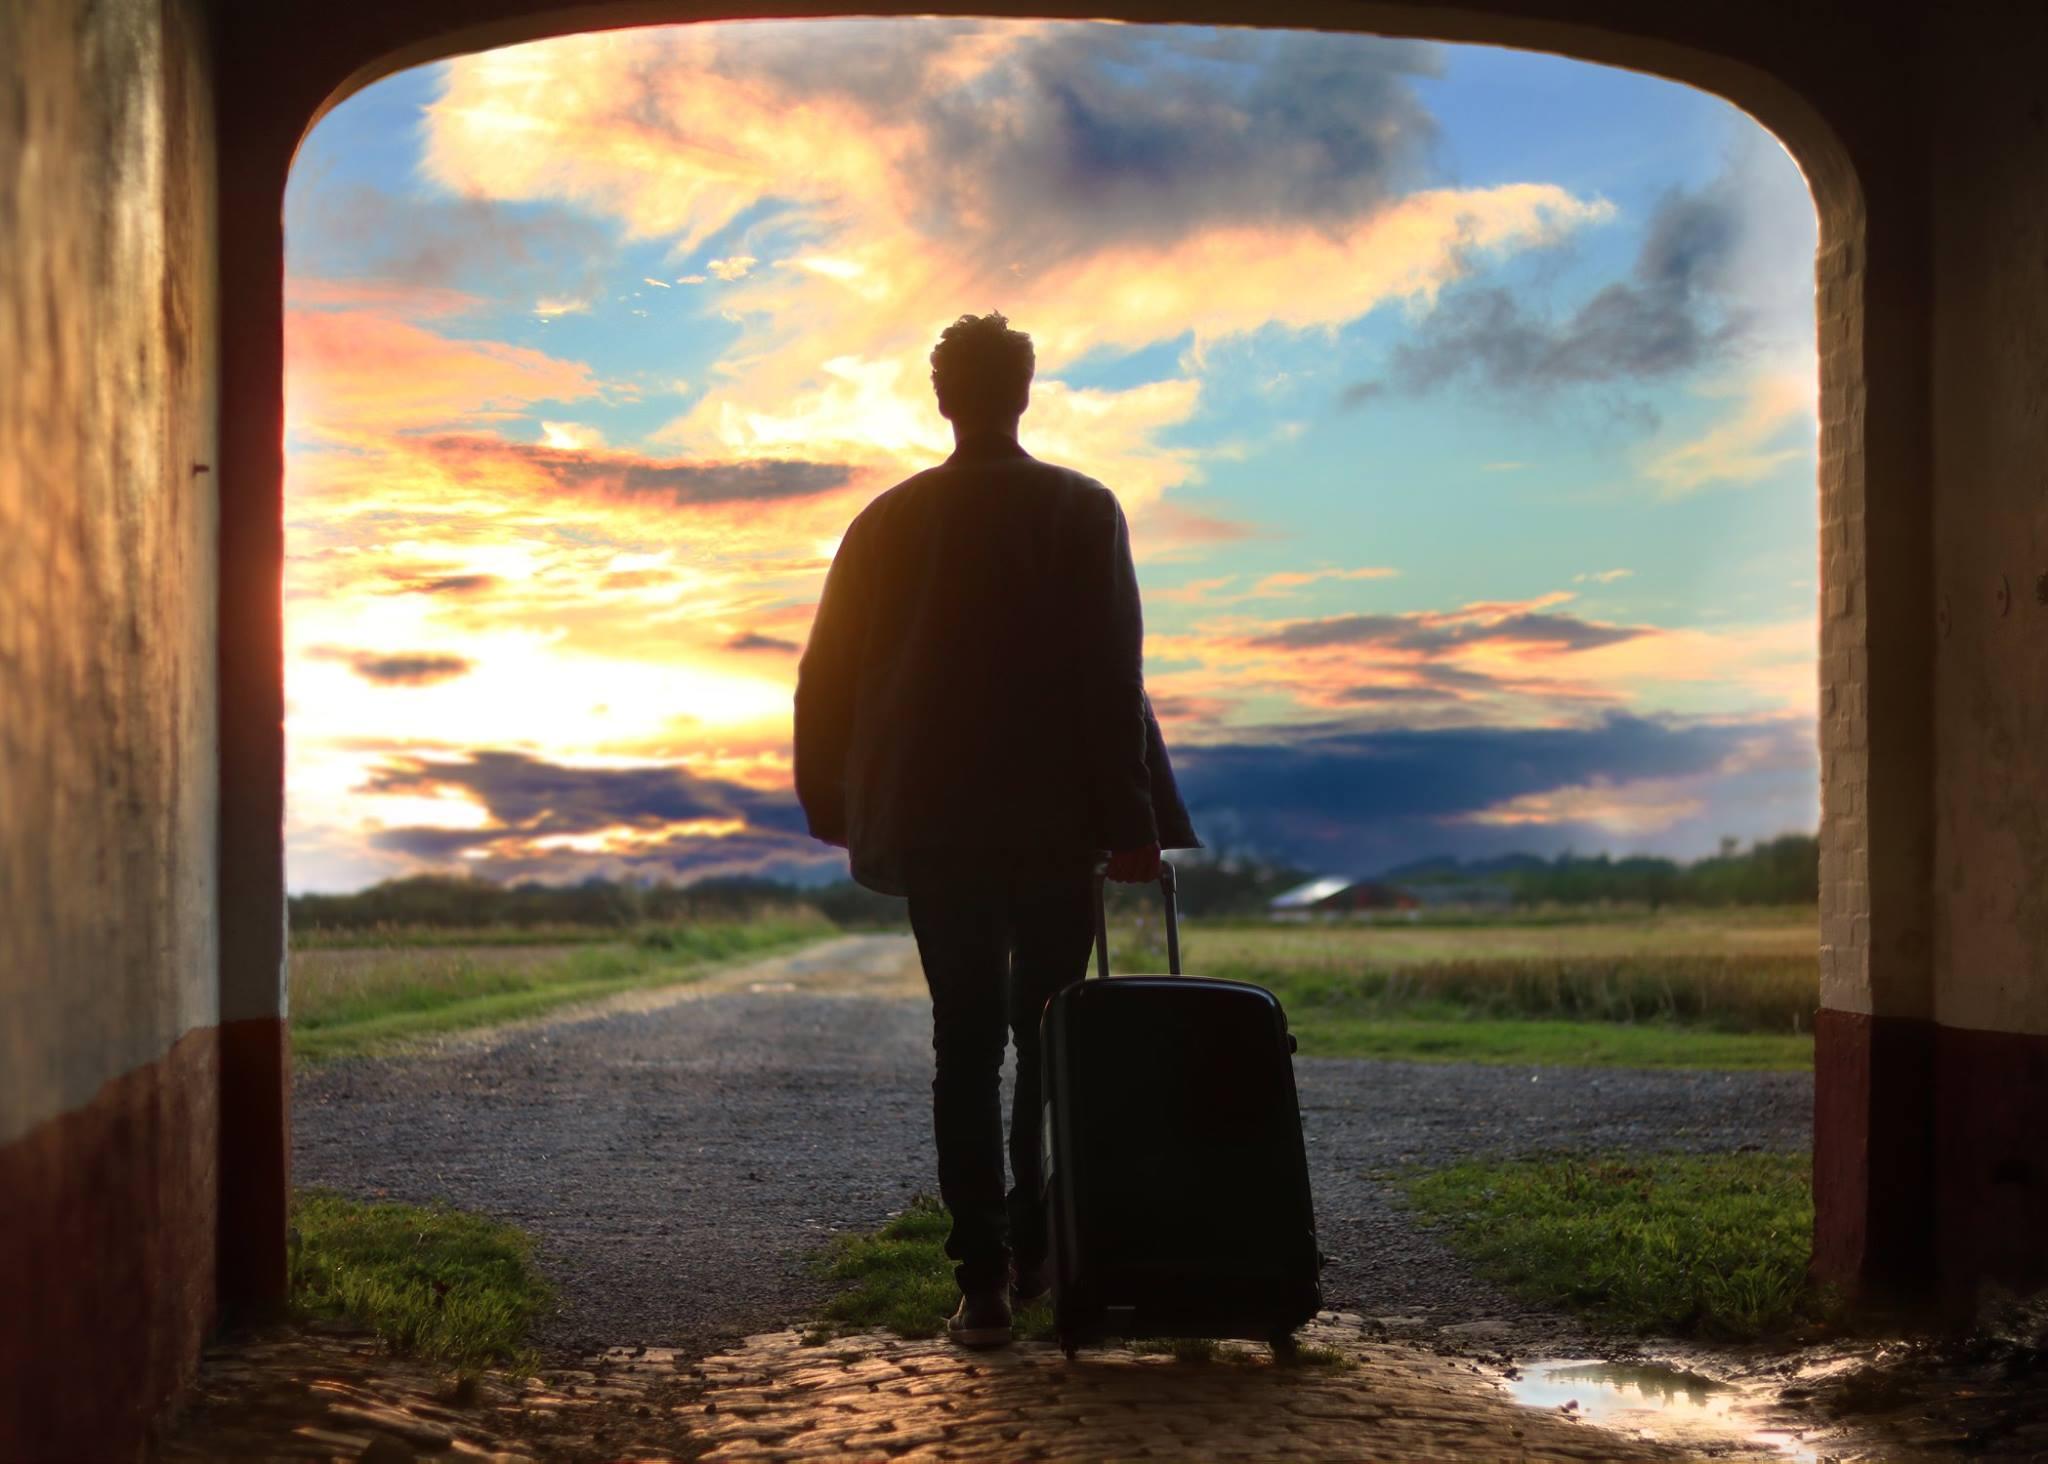 La vita è un viaggio